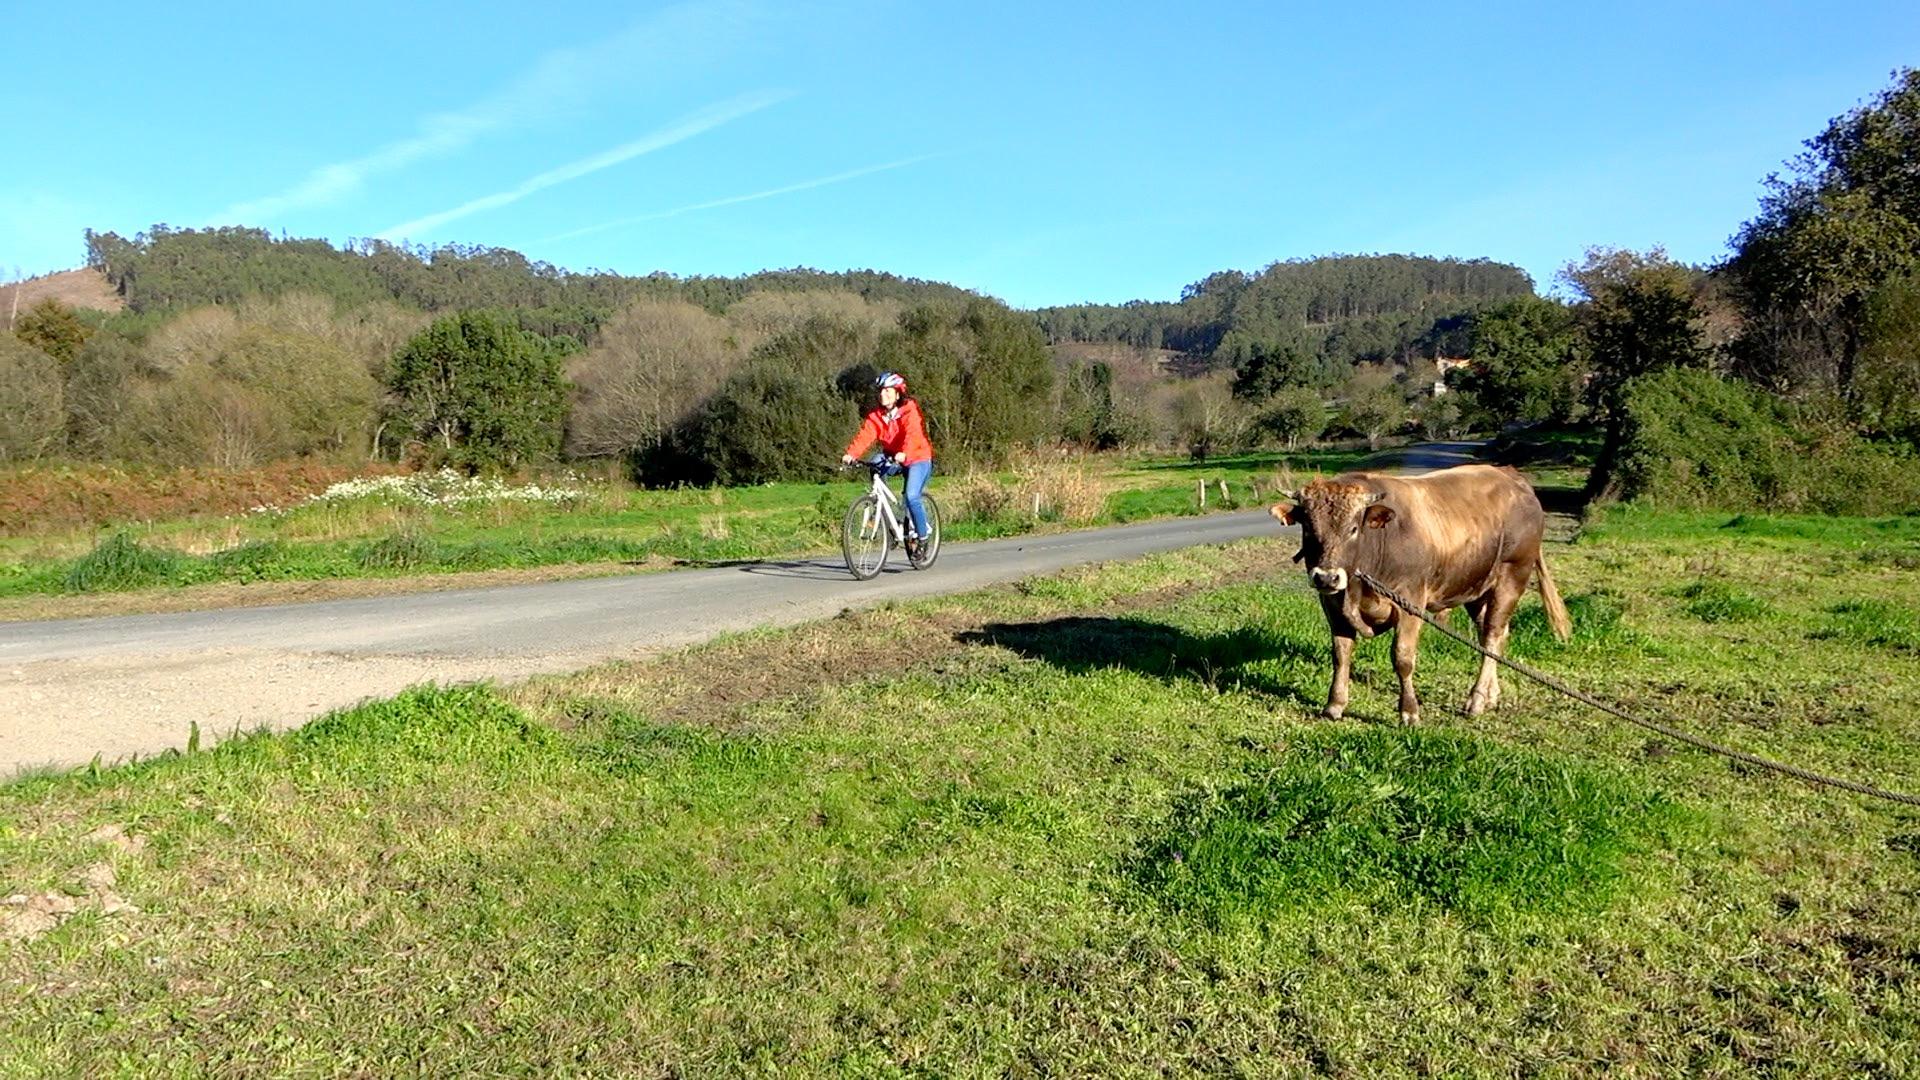 Las vacas siempre quedan bien en los paisajes de Galicia